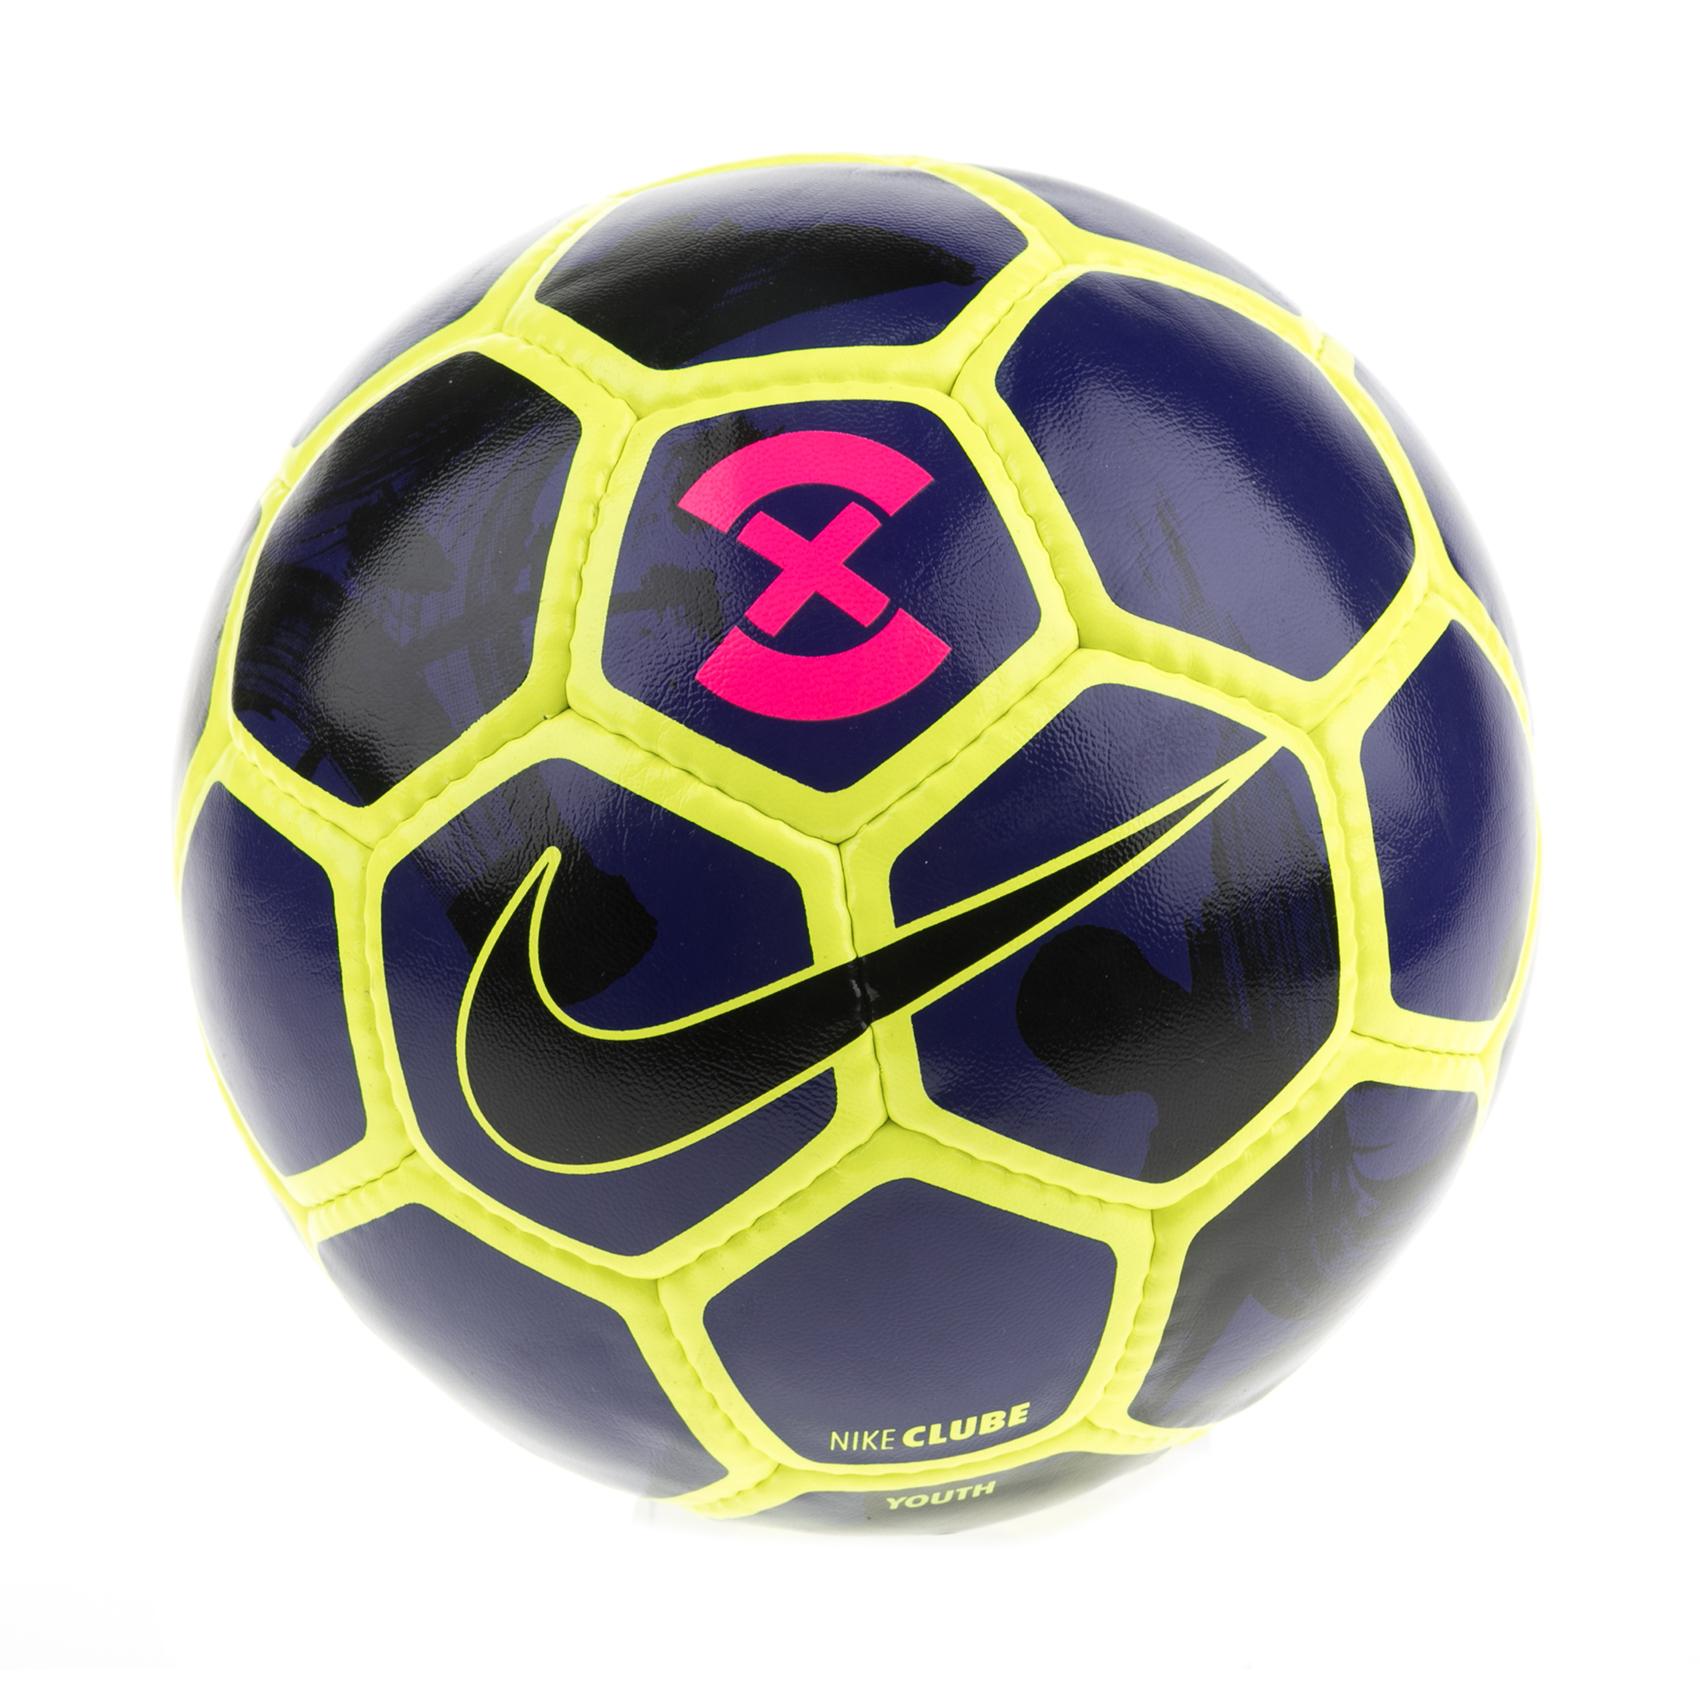 NIKE - Μπάλα ποδοσφαίρου NIKE FOOTBALLX CLUBE μπλε-κίτρινη γυναικεία αξεσουάρ αθλητικά είδη μπάλες